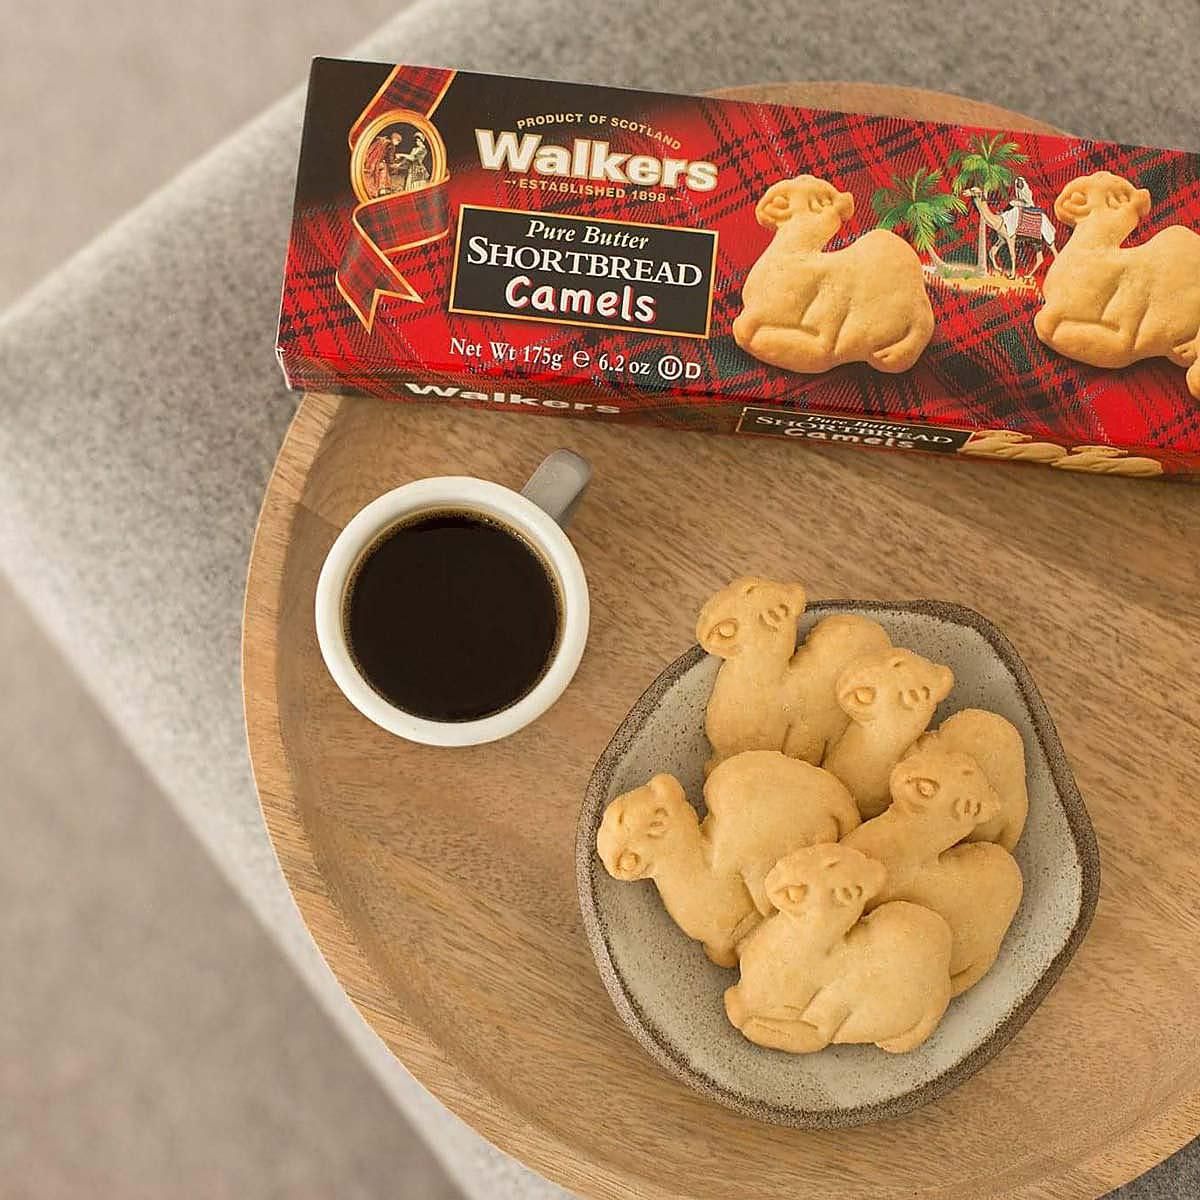 Walkers Shortbread Camels internationale Feinkost Topfood